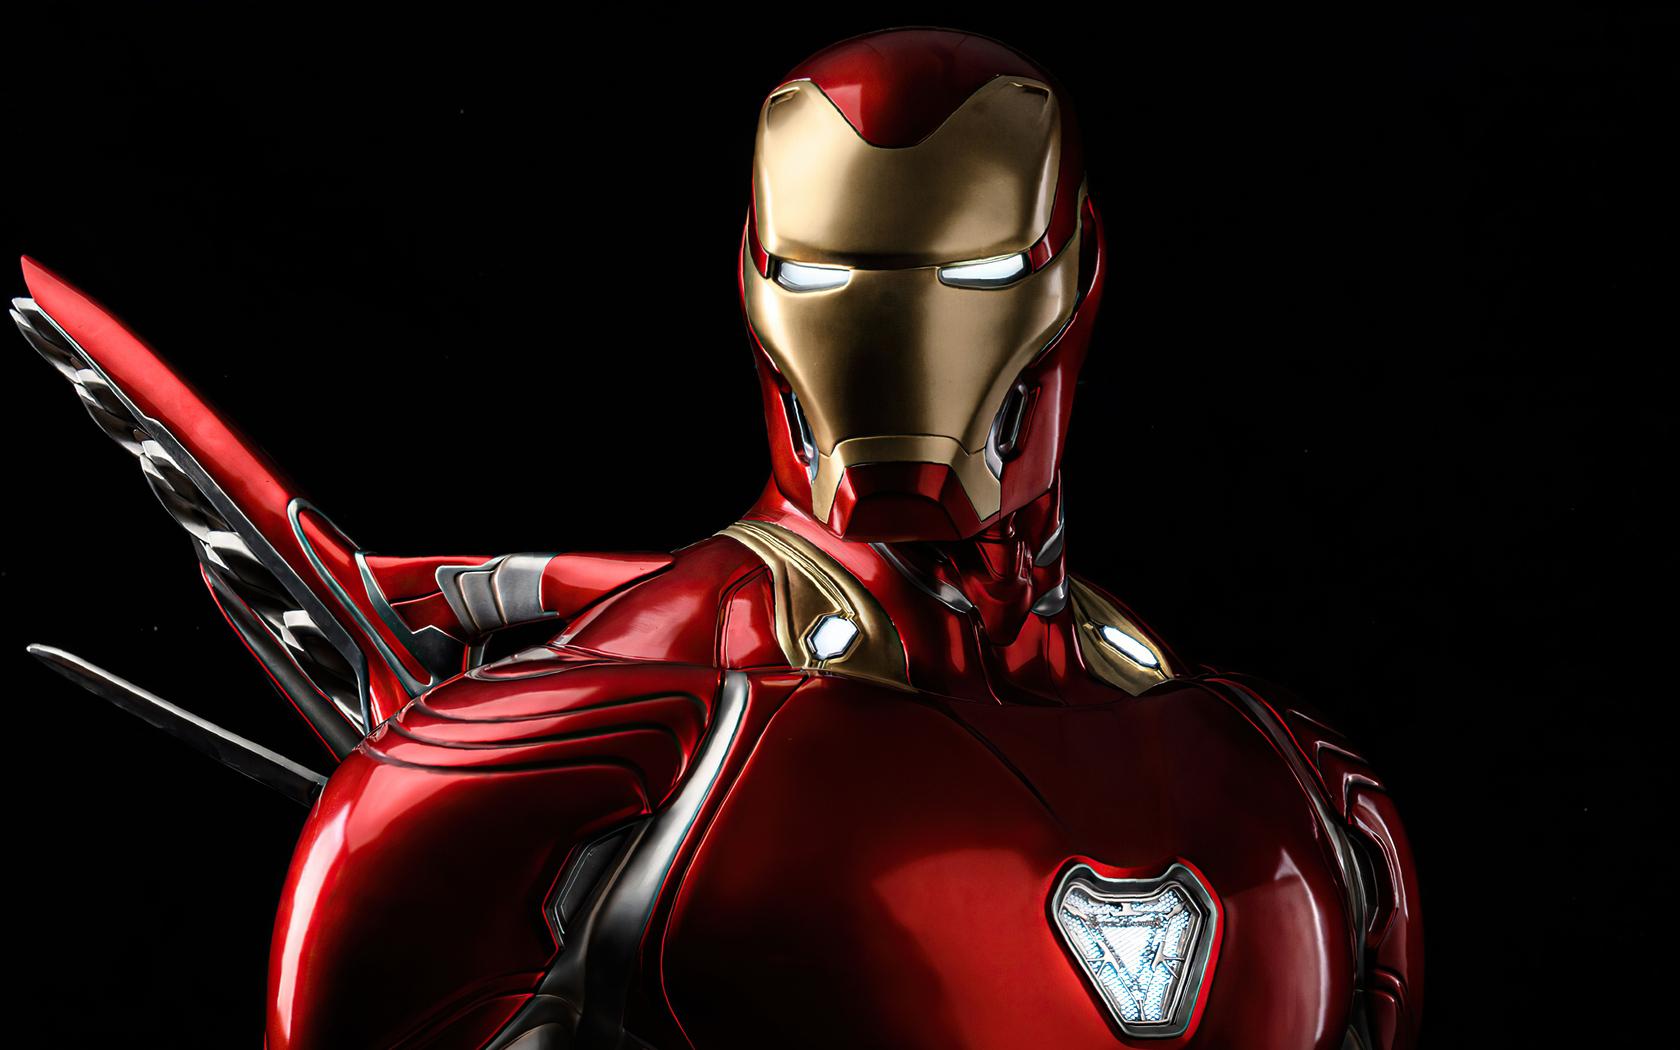 iron-man-glowing-eyes-4k-mi.jpg